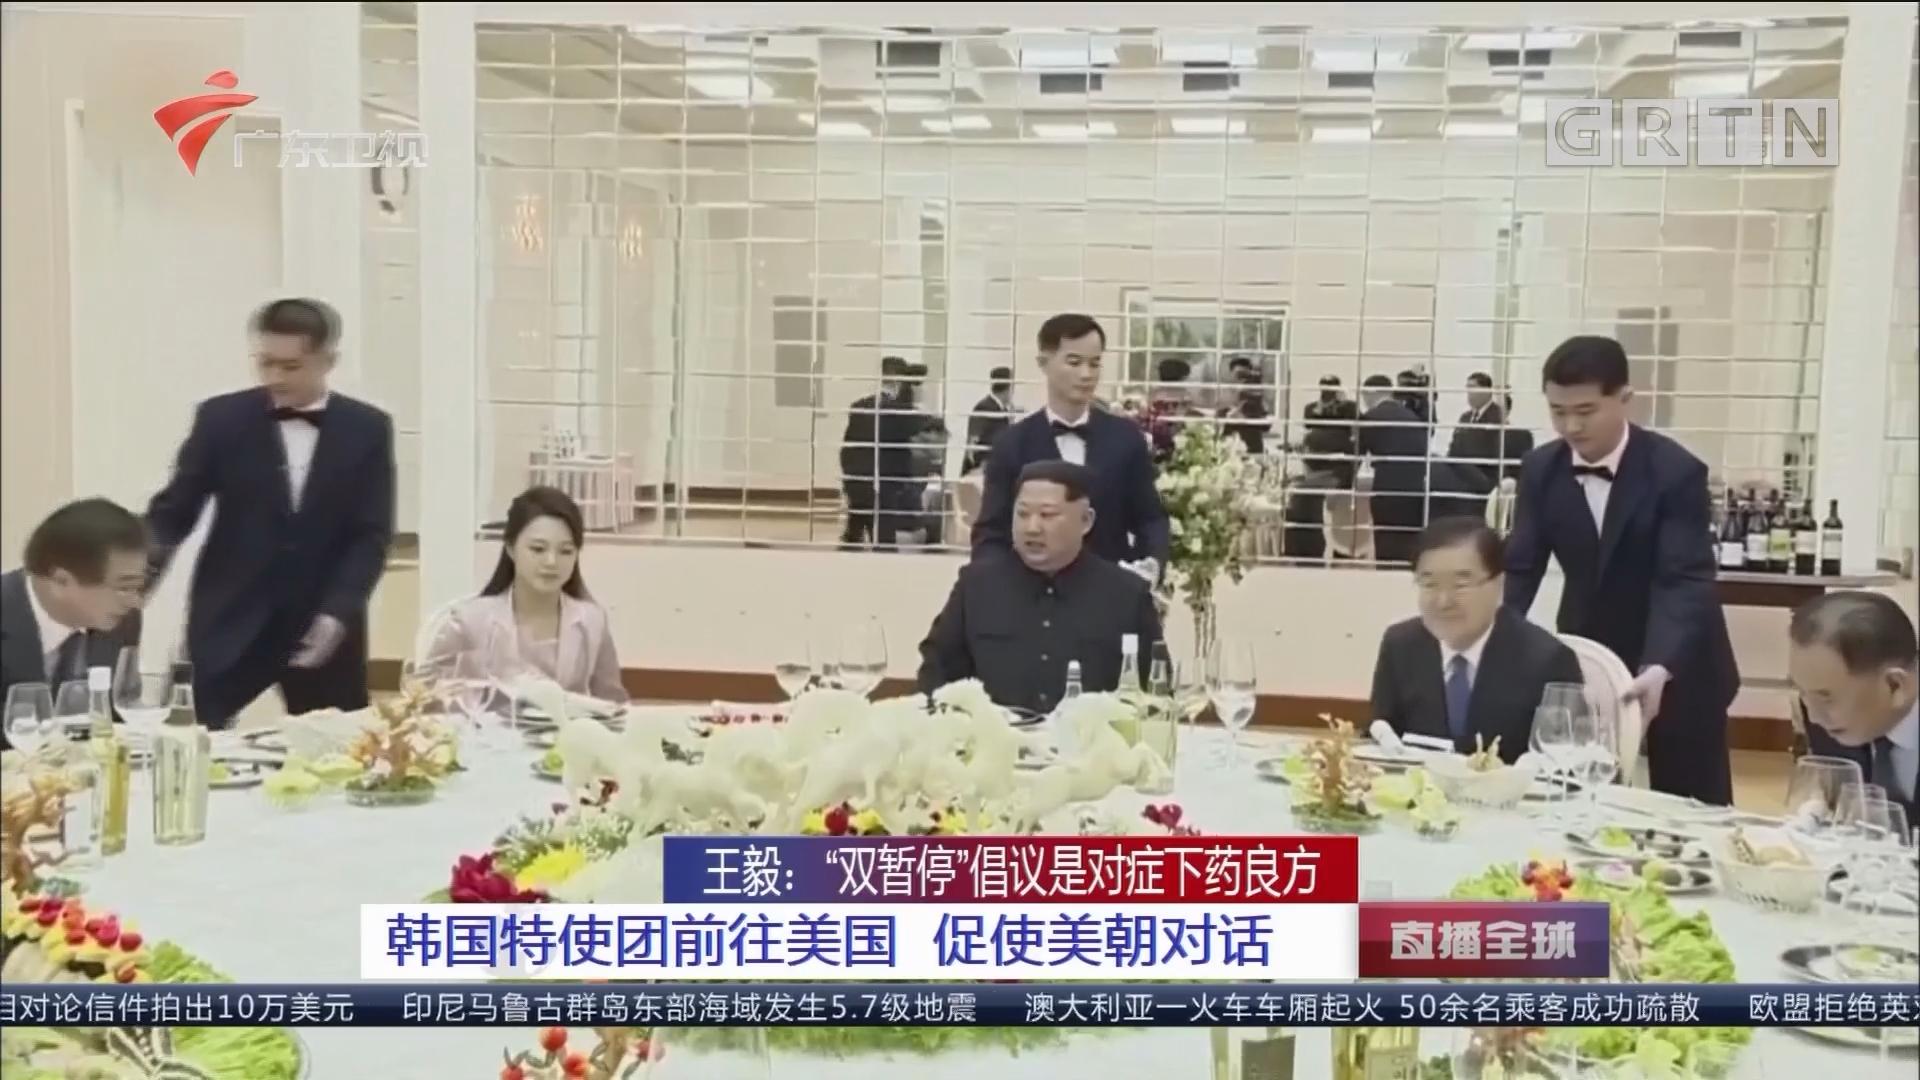 """王毅:""""双暂停""""倡议是对症下药良方 和平必须争取 机遇需要把握"""